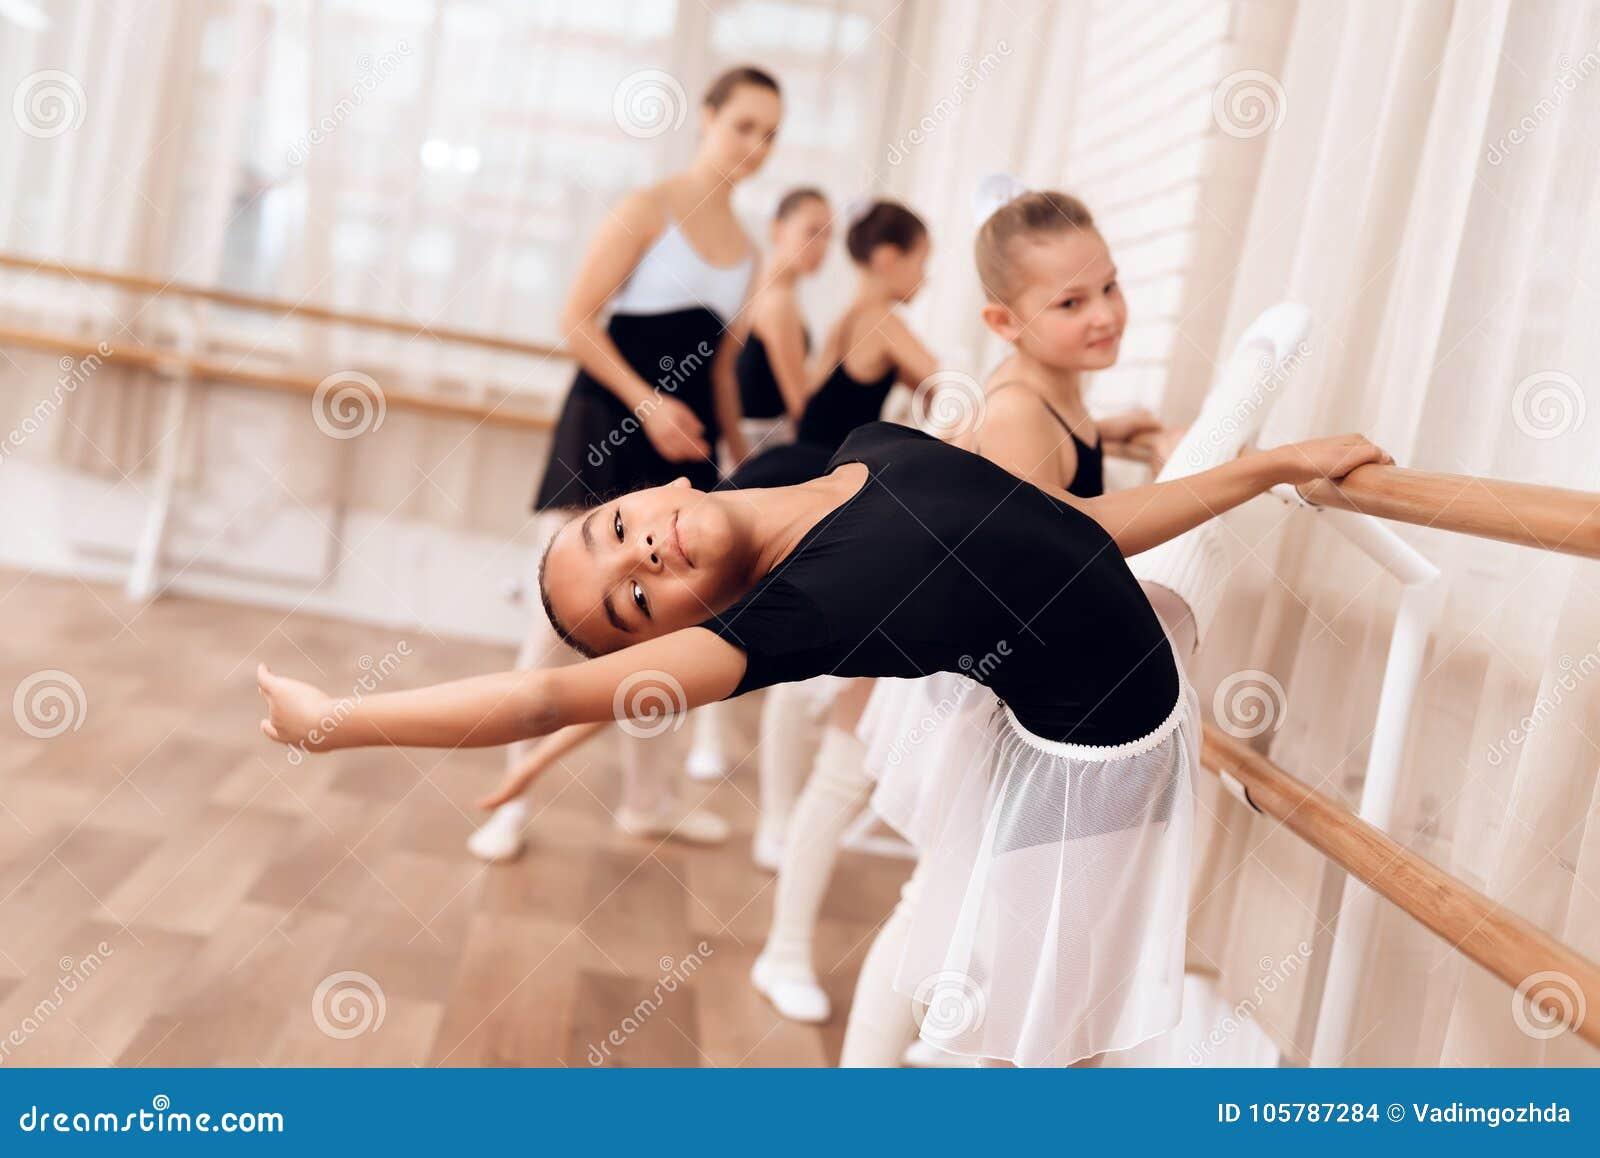 Το νέο ballerina κάνει μια μετακίνηση χορού με τα χέρια της κατά τη διάρκεια μιας κατηγορίας σε ένα σχολείο μπαλέτου